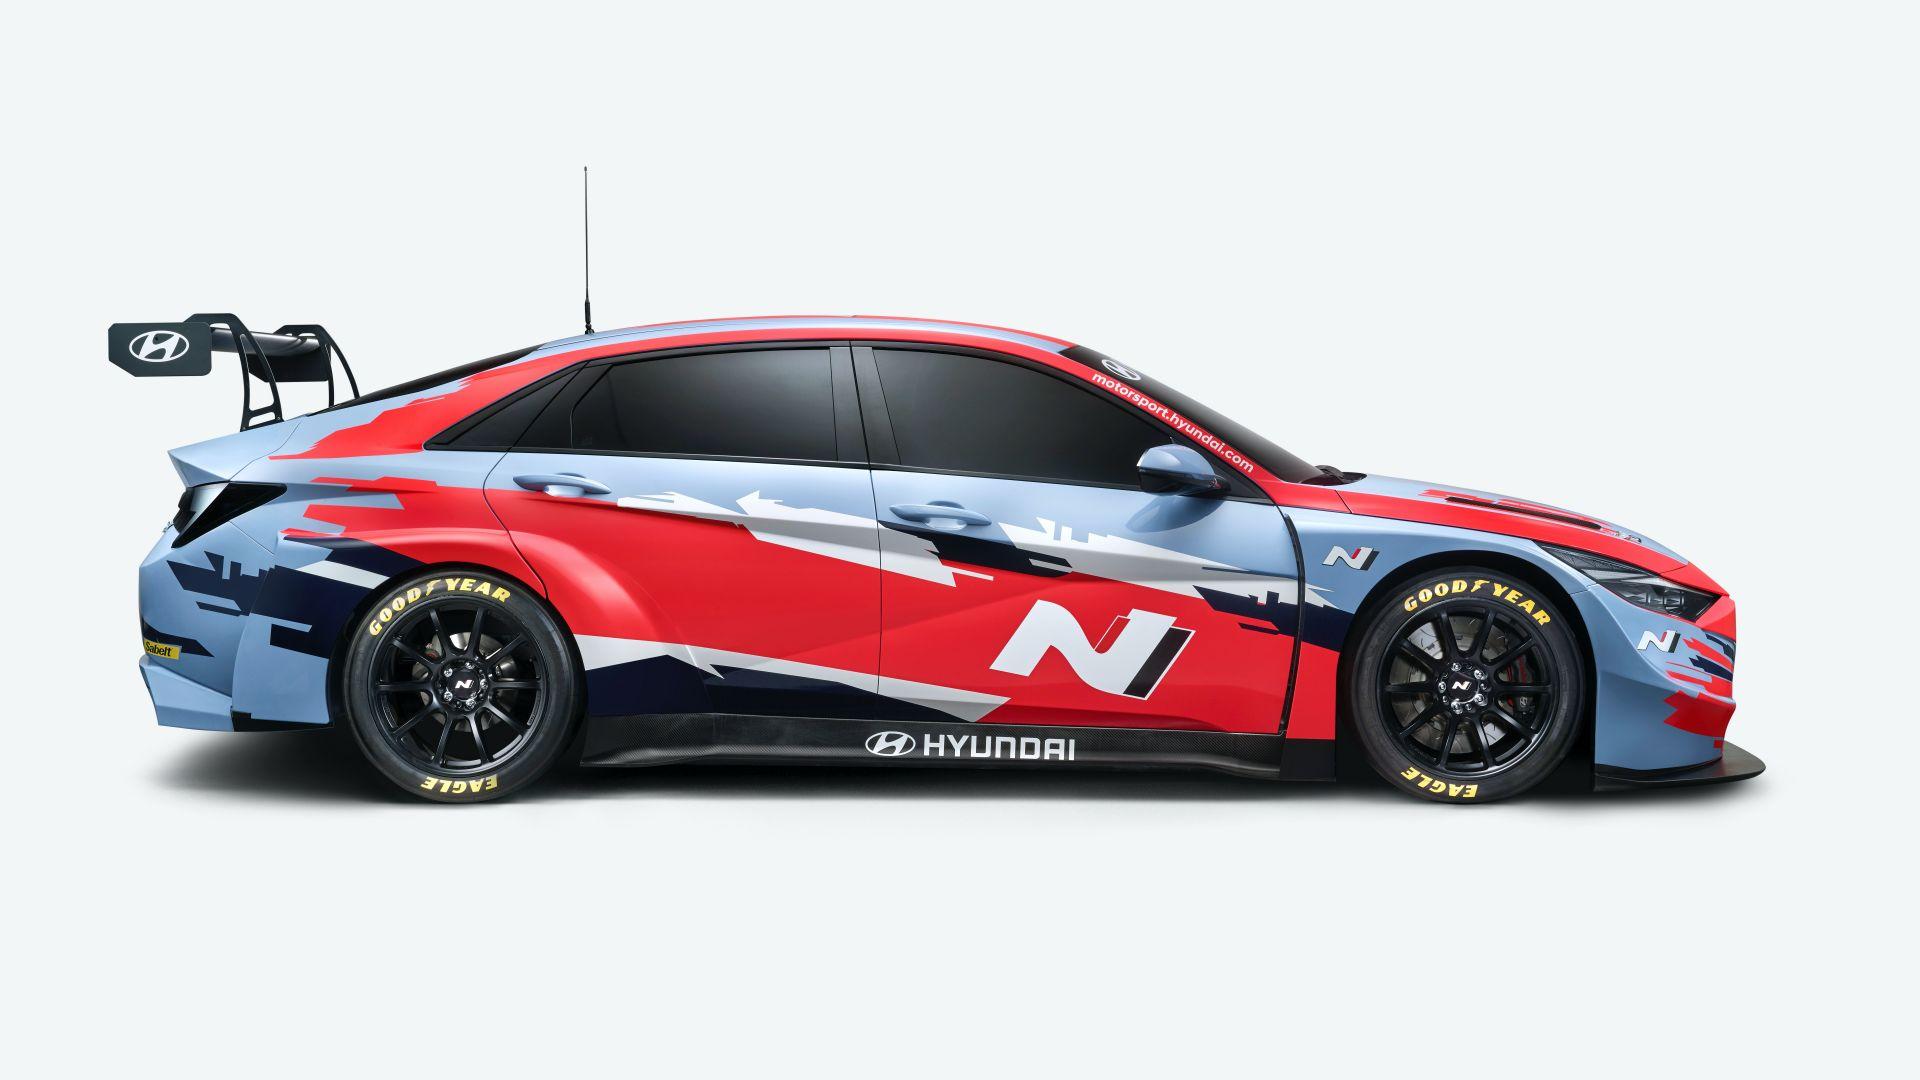 Hyundai-Elantra-N-TCR-11